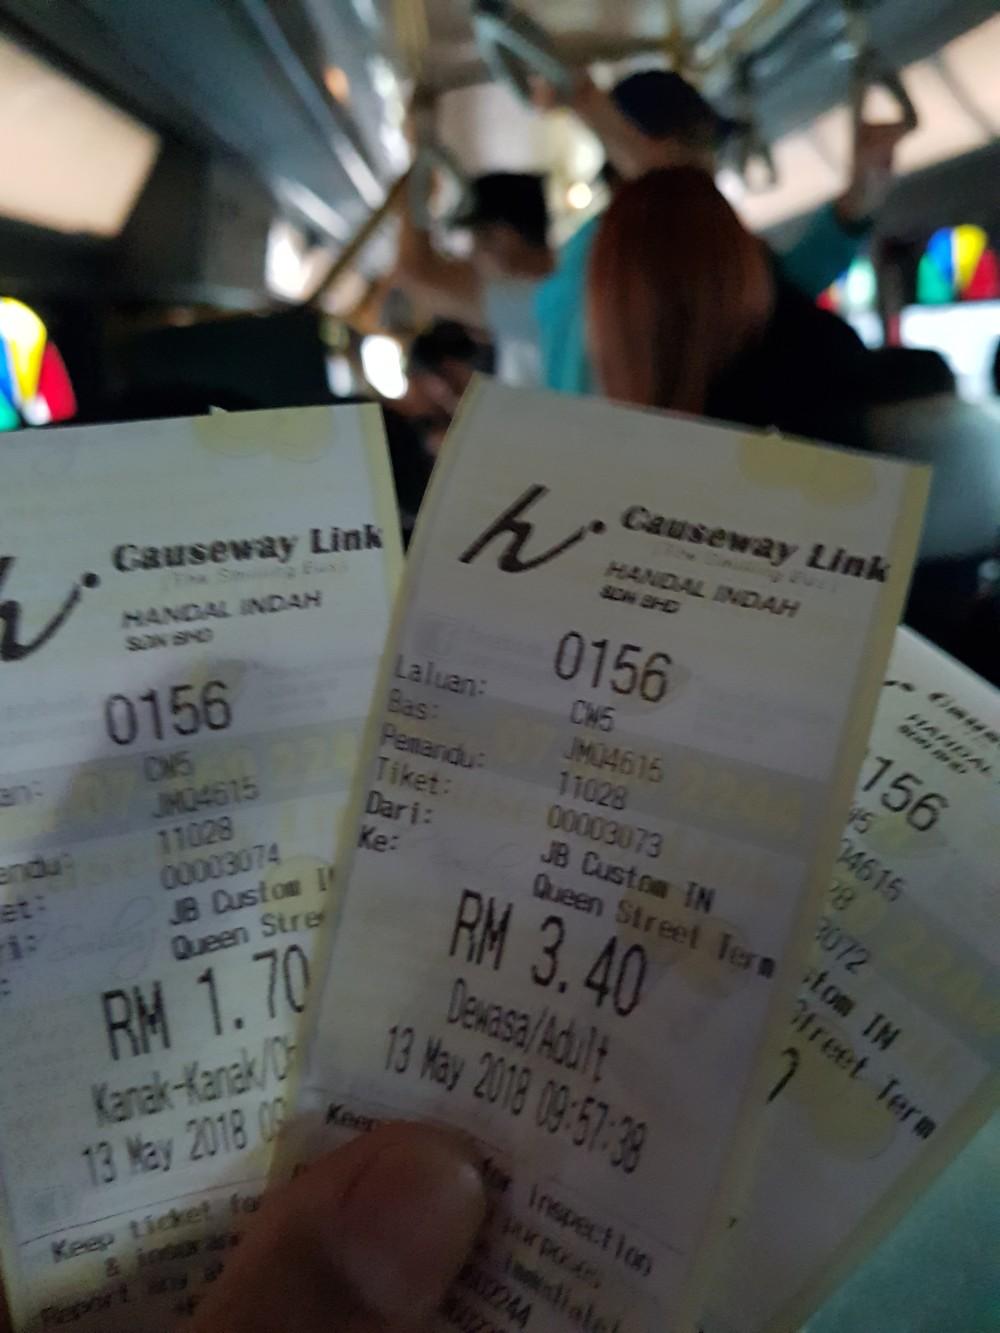 tiket bis causewaylink johor bahru malaysia janganmenyerah